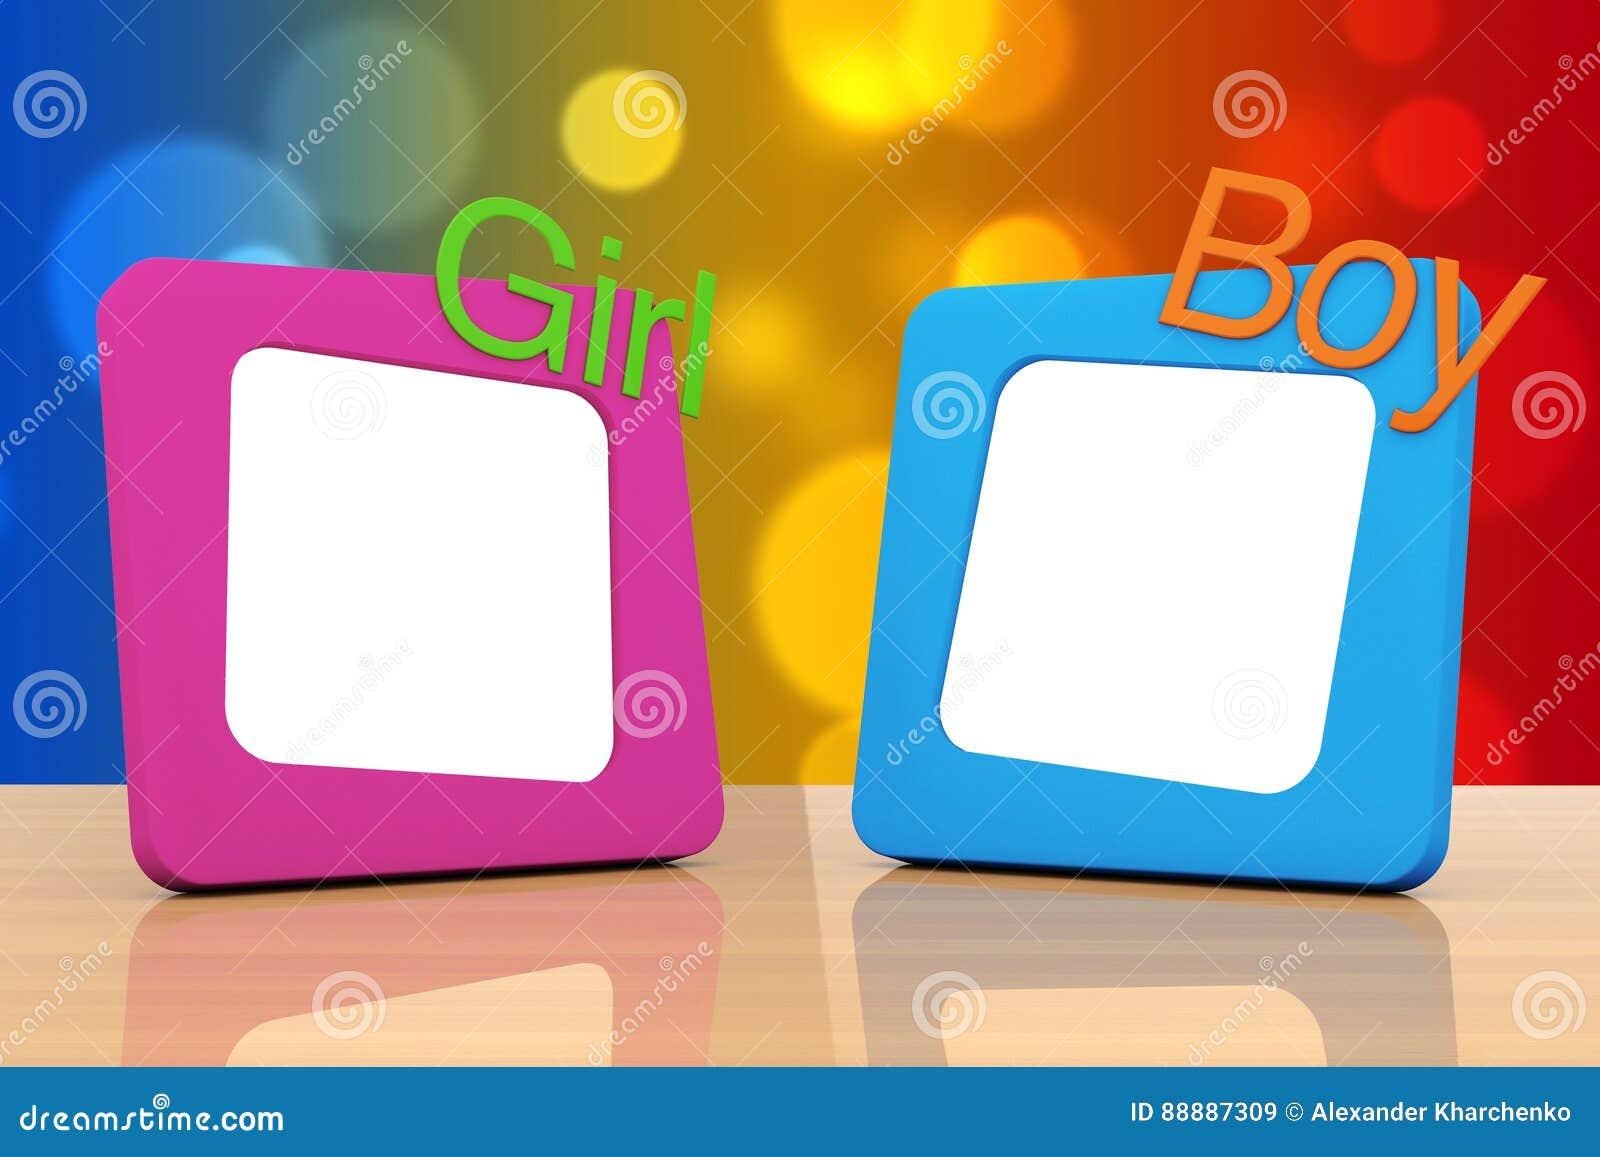 与女孩和男孩标志的照片框架 3d翻译